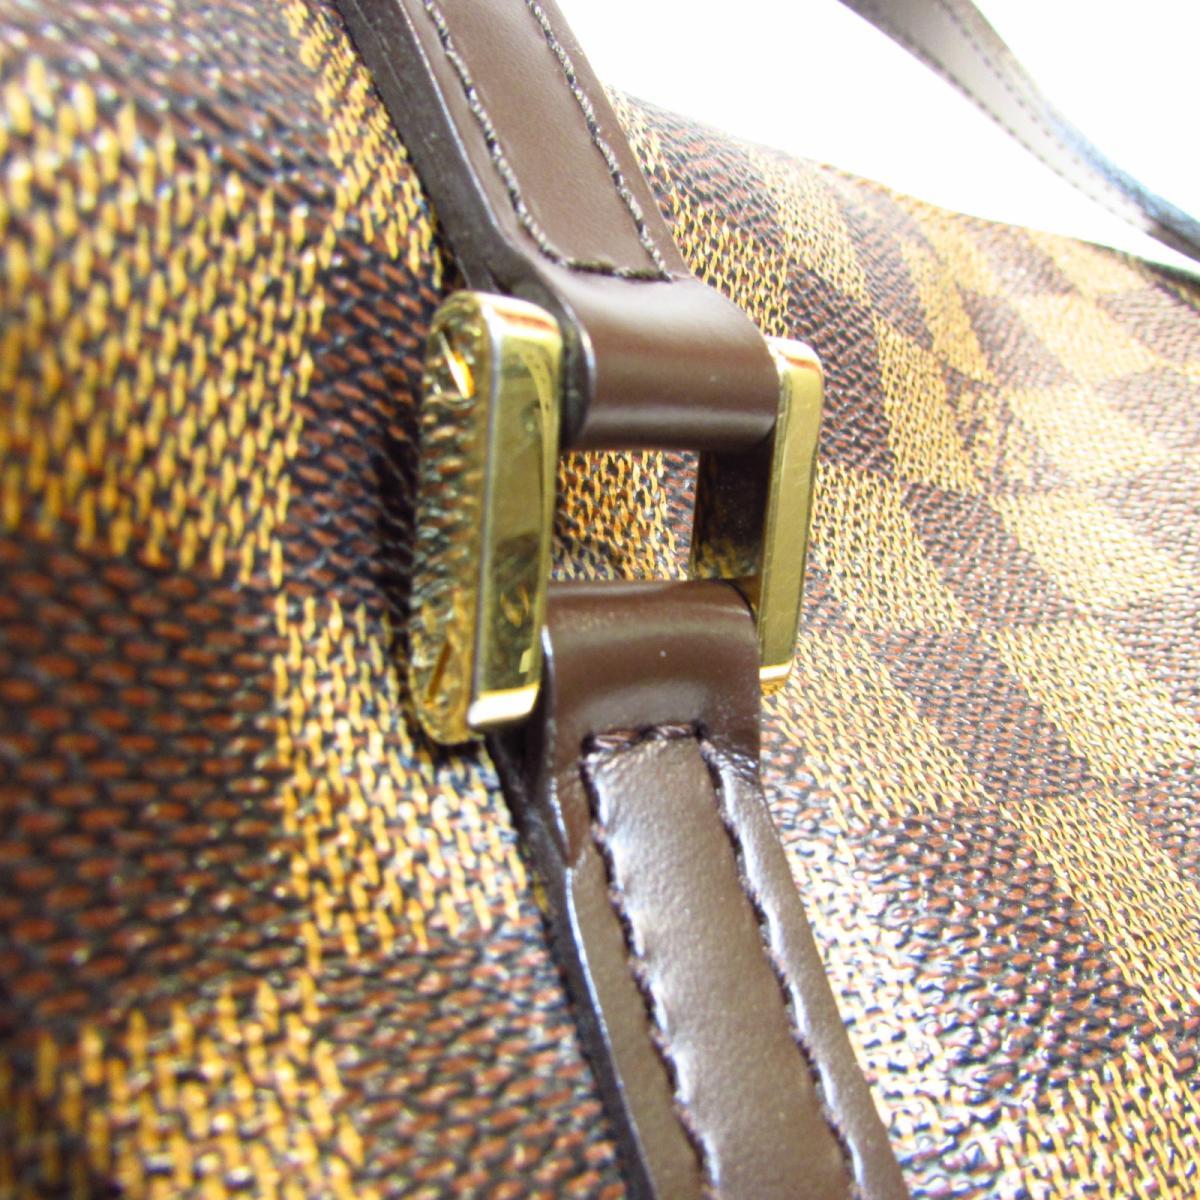 ルイヴィトン パピヨンPM ハンドバッグ バッグ メンズ レディース ダミエN51304LOUIS VUITTONv08ONymnwP